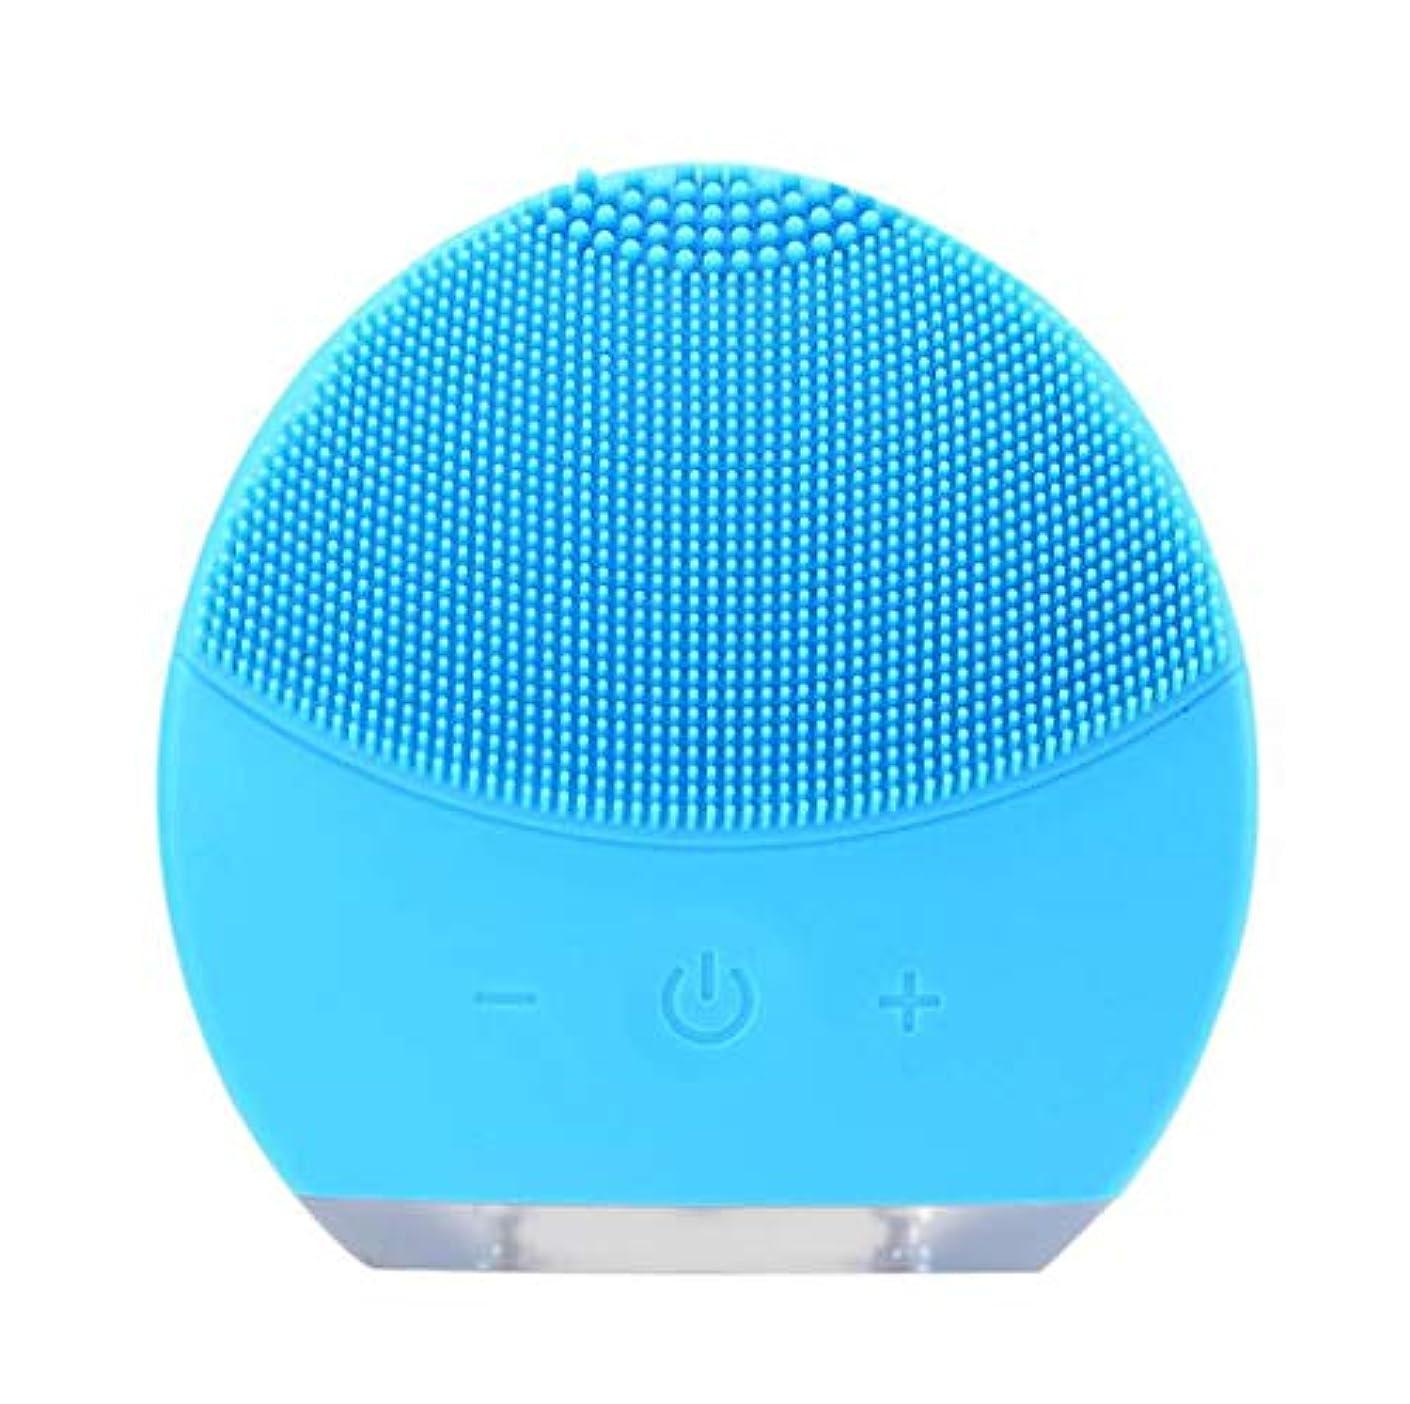 気づかない便利さ送信する超音波振動美容機器洗浄器、皮膚の毛穴を最小限に抑えるマイクロダーマブレーション毛穴、USB 充電と防水,Blue